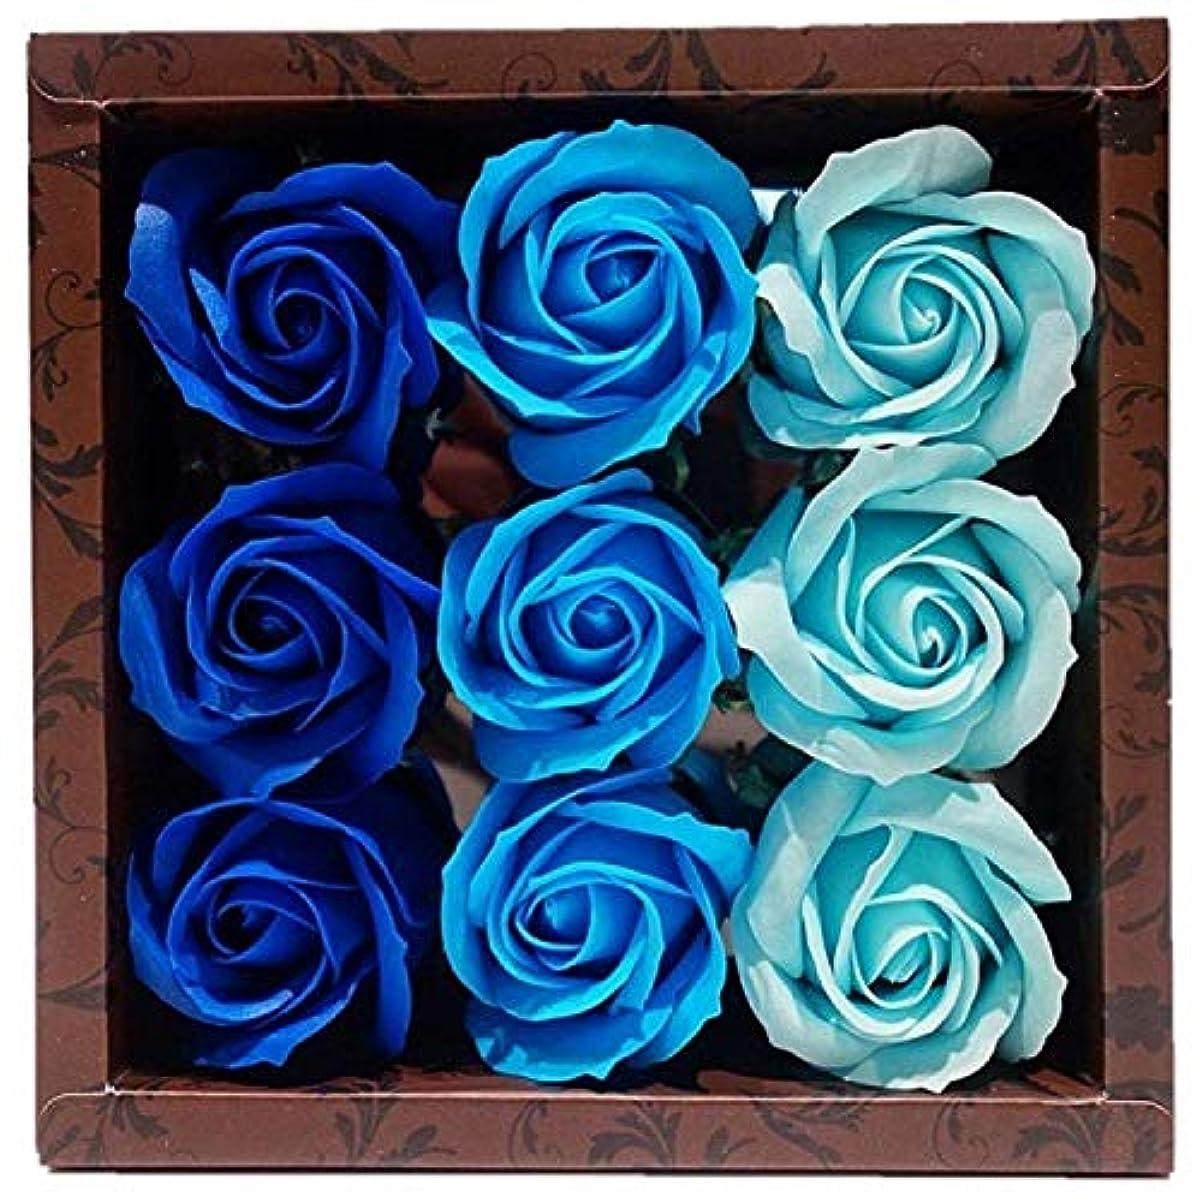 火尊敬するアジア人バスフレグランス バスフラワー ローズフレグランス ブルーカラー ギフト お花の形の入浴剤 ばら